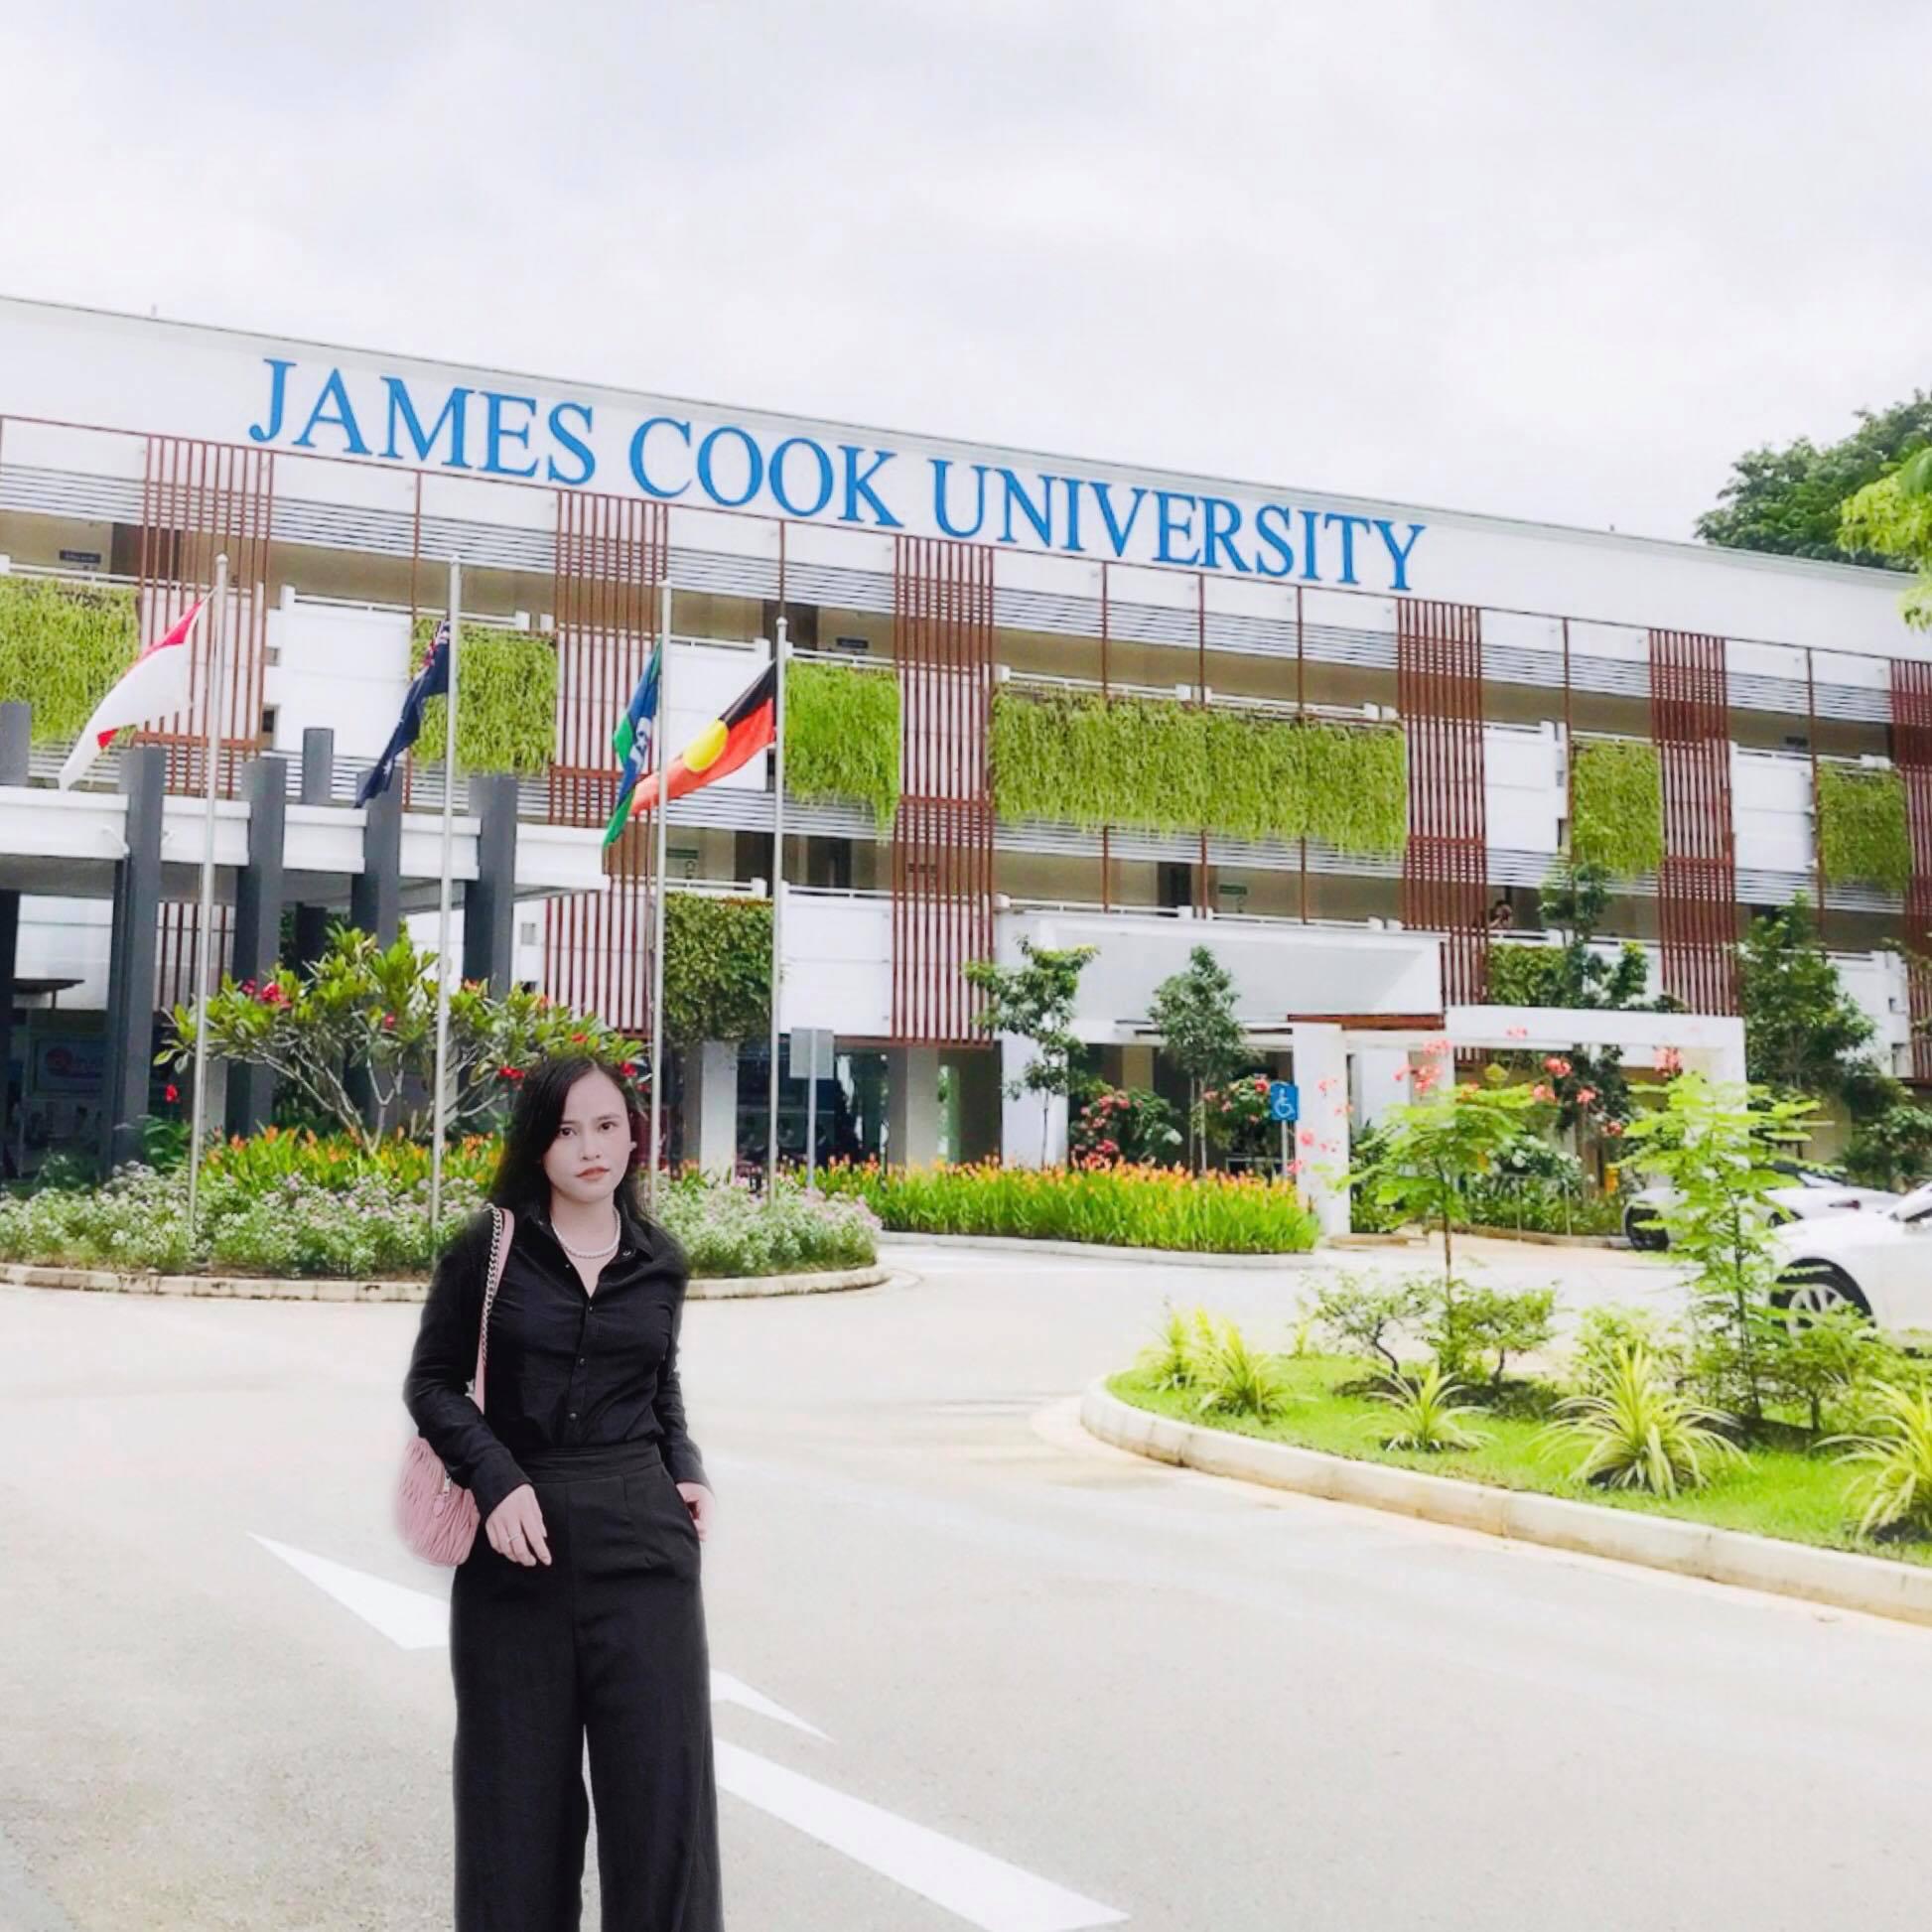 Chân dung cô bạn tài năng vừa học Thạc sĩ tại trường đại học top 2% thế giới vừa kinh doanh từ xa - Ảnh 1.